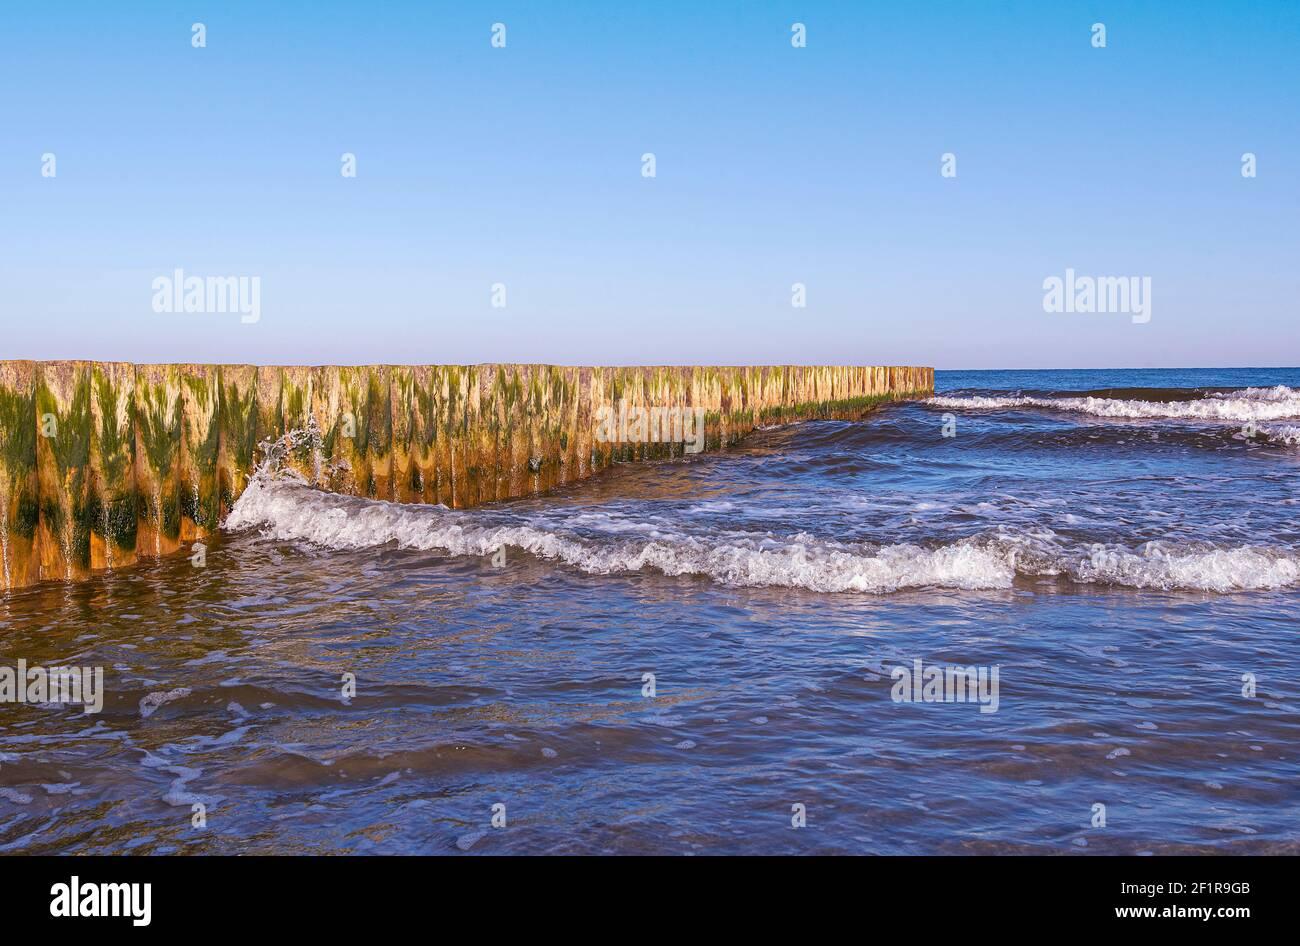 Côte de la mer Baltique. Mer Baltique pendant une journée venteuse. Banque D'Images